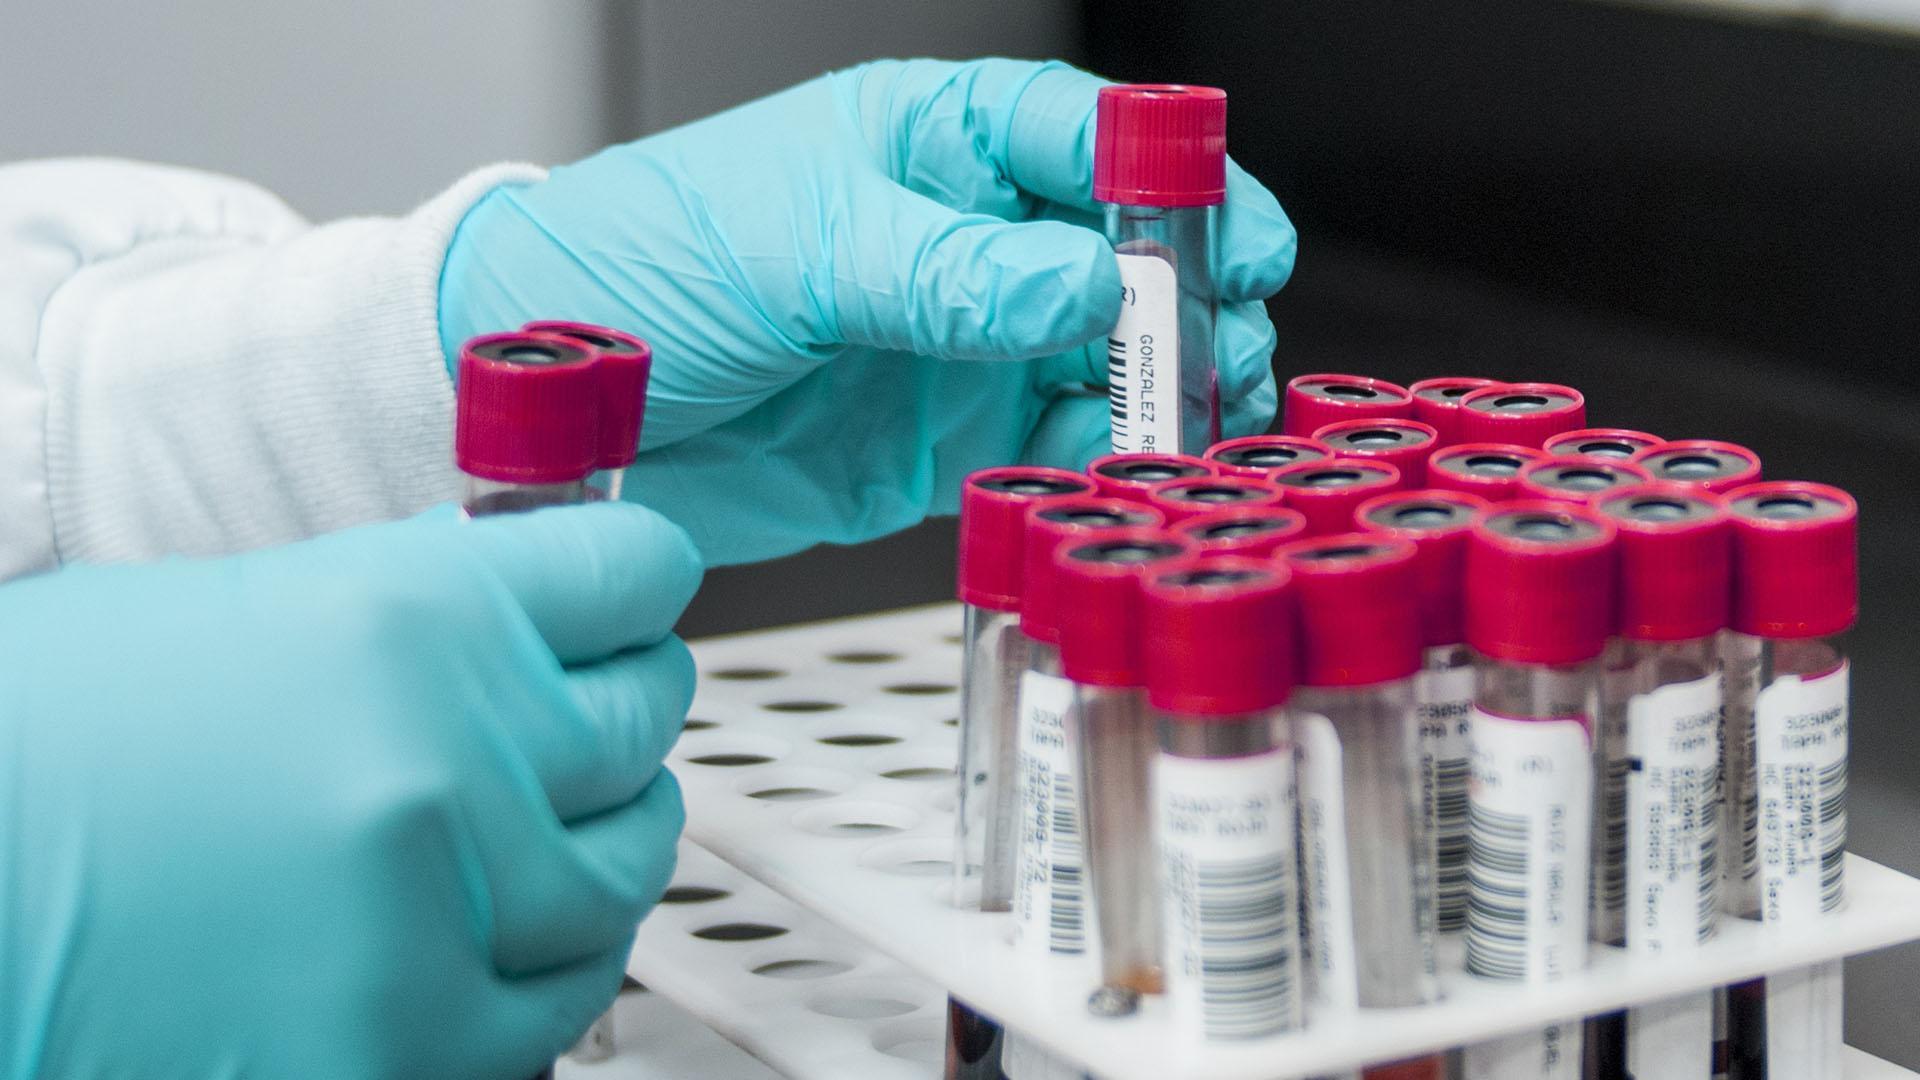 Российские ученые разрабатывают сразу несколько препаратов от ВИЧ